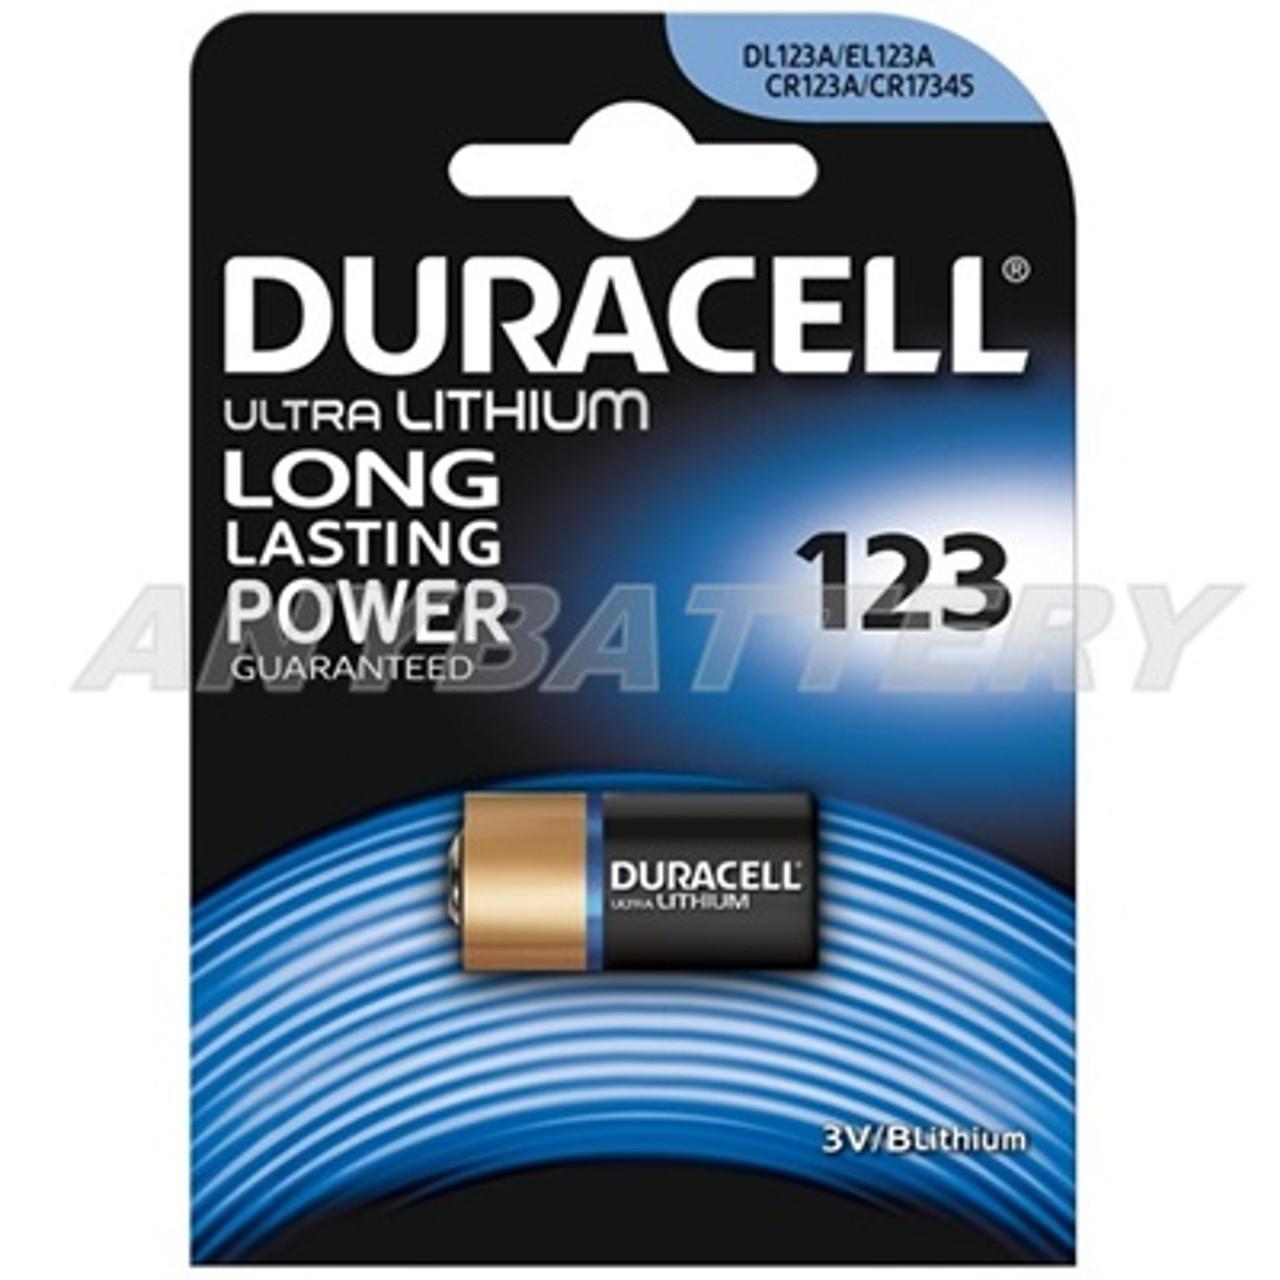 Duracell DL123A